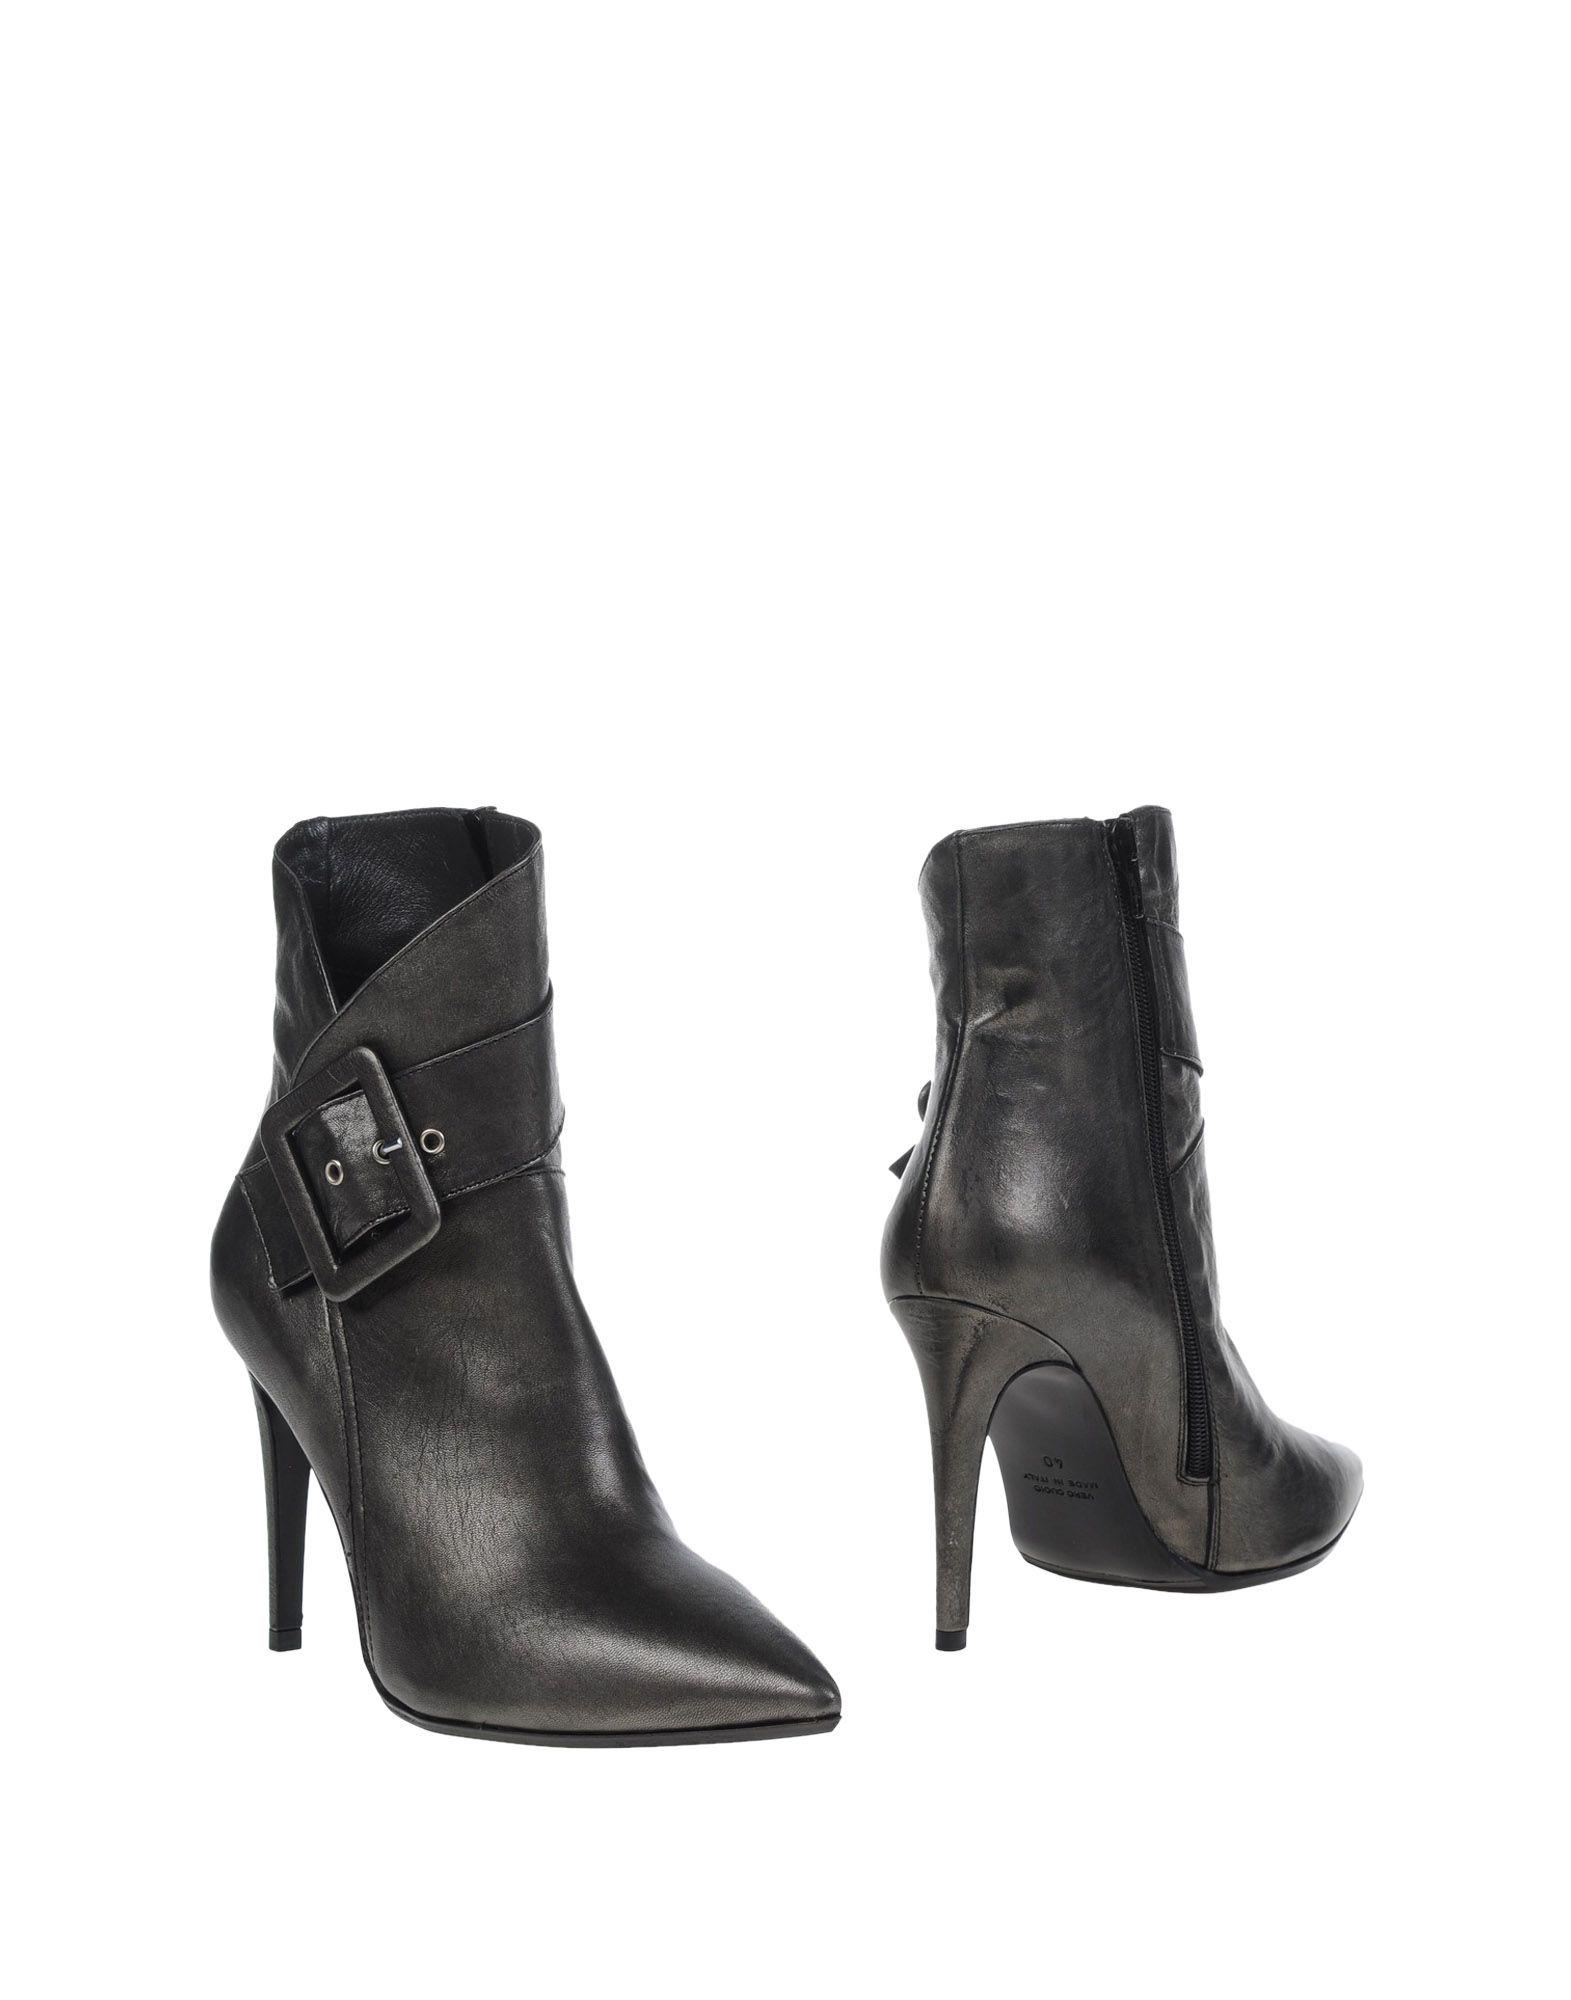 Jolie By Edward Spiers Stiefelette Damen  11102125IJ Gute Qualität beliebte Schuhe